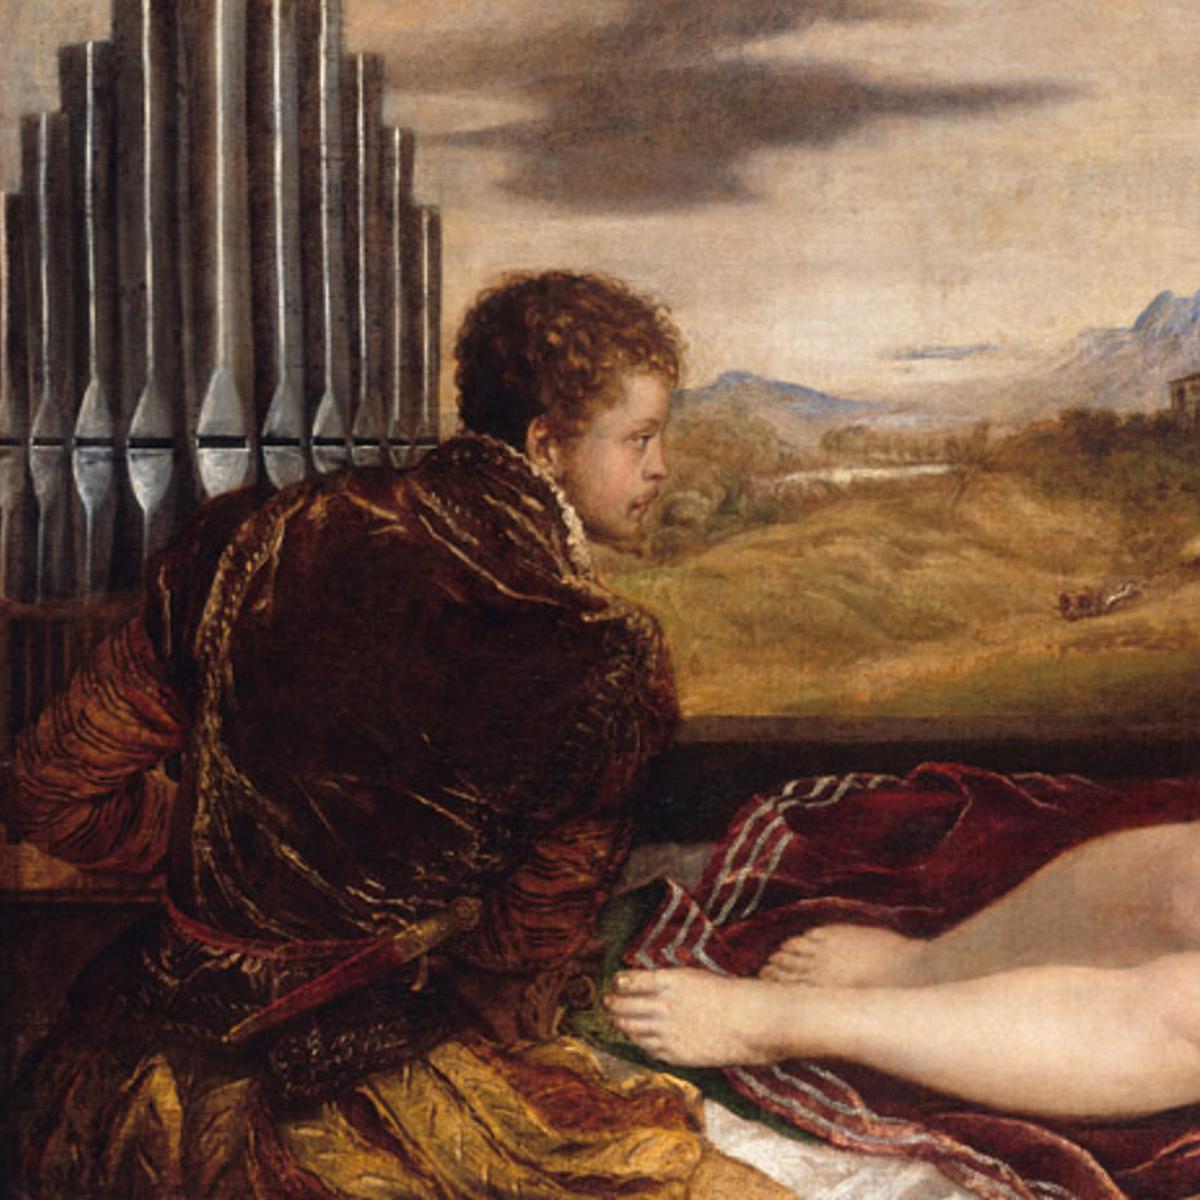 Rembrandt, Susanna und die beiden Alten, 1647  Staatliche Museen zu Berlin, Gemäldegalerie Christoph Schmidt